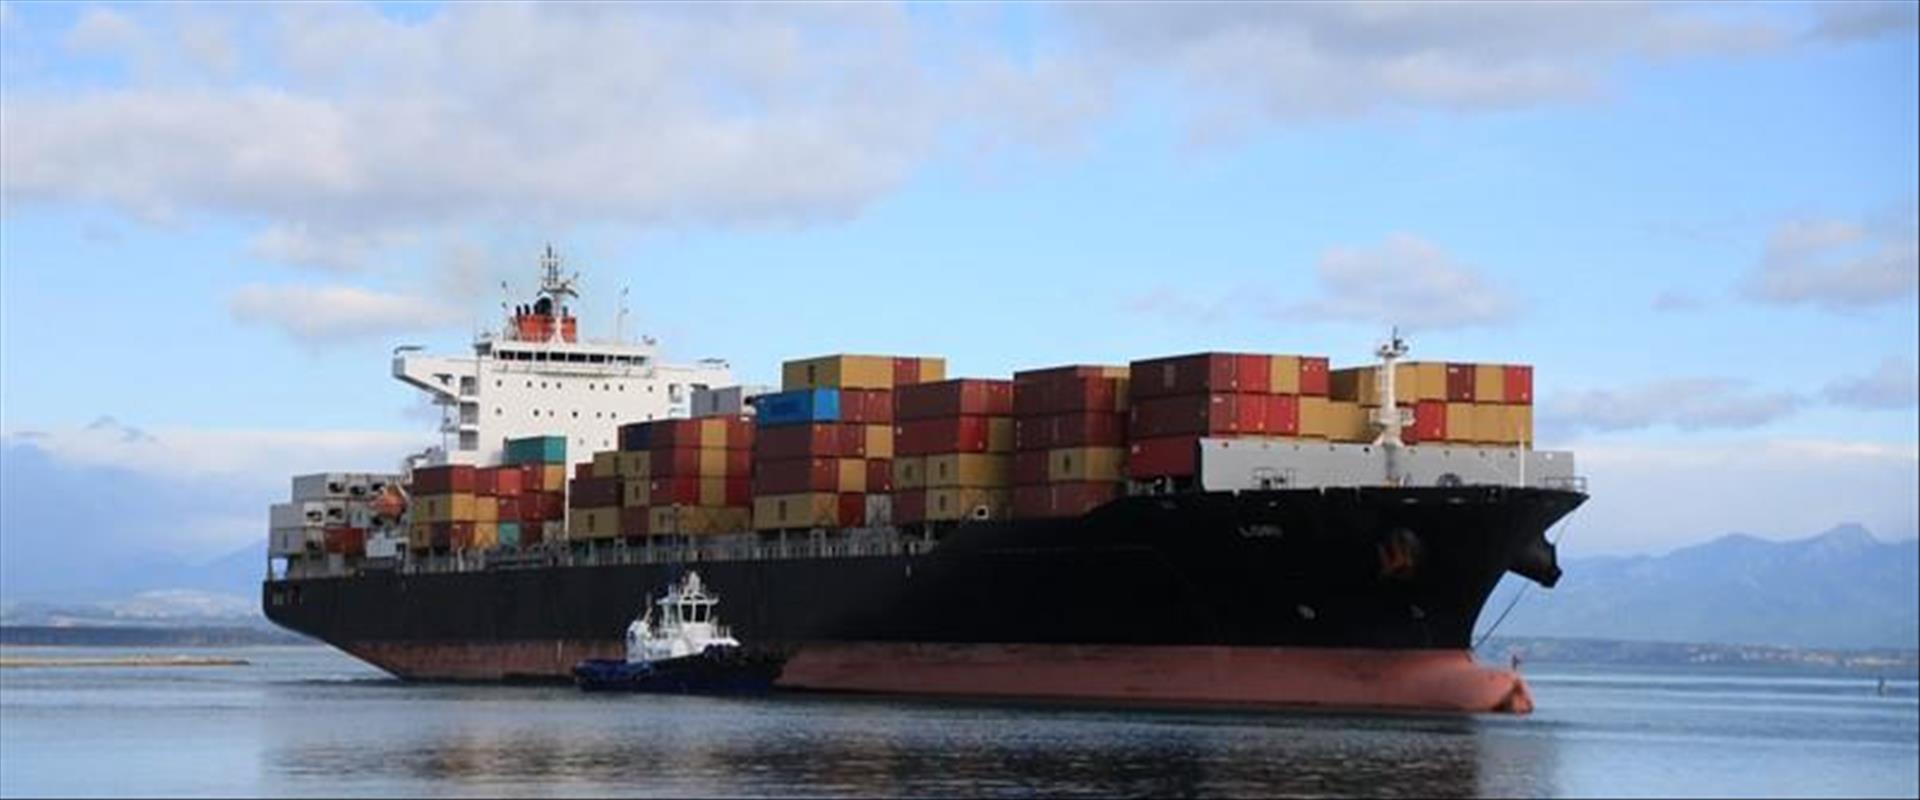 ספינה שהותקפה על ידי איראן במרץ 2021